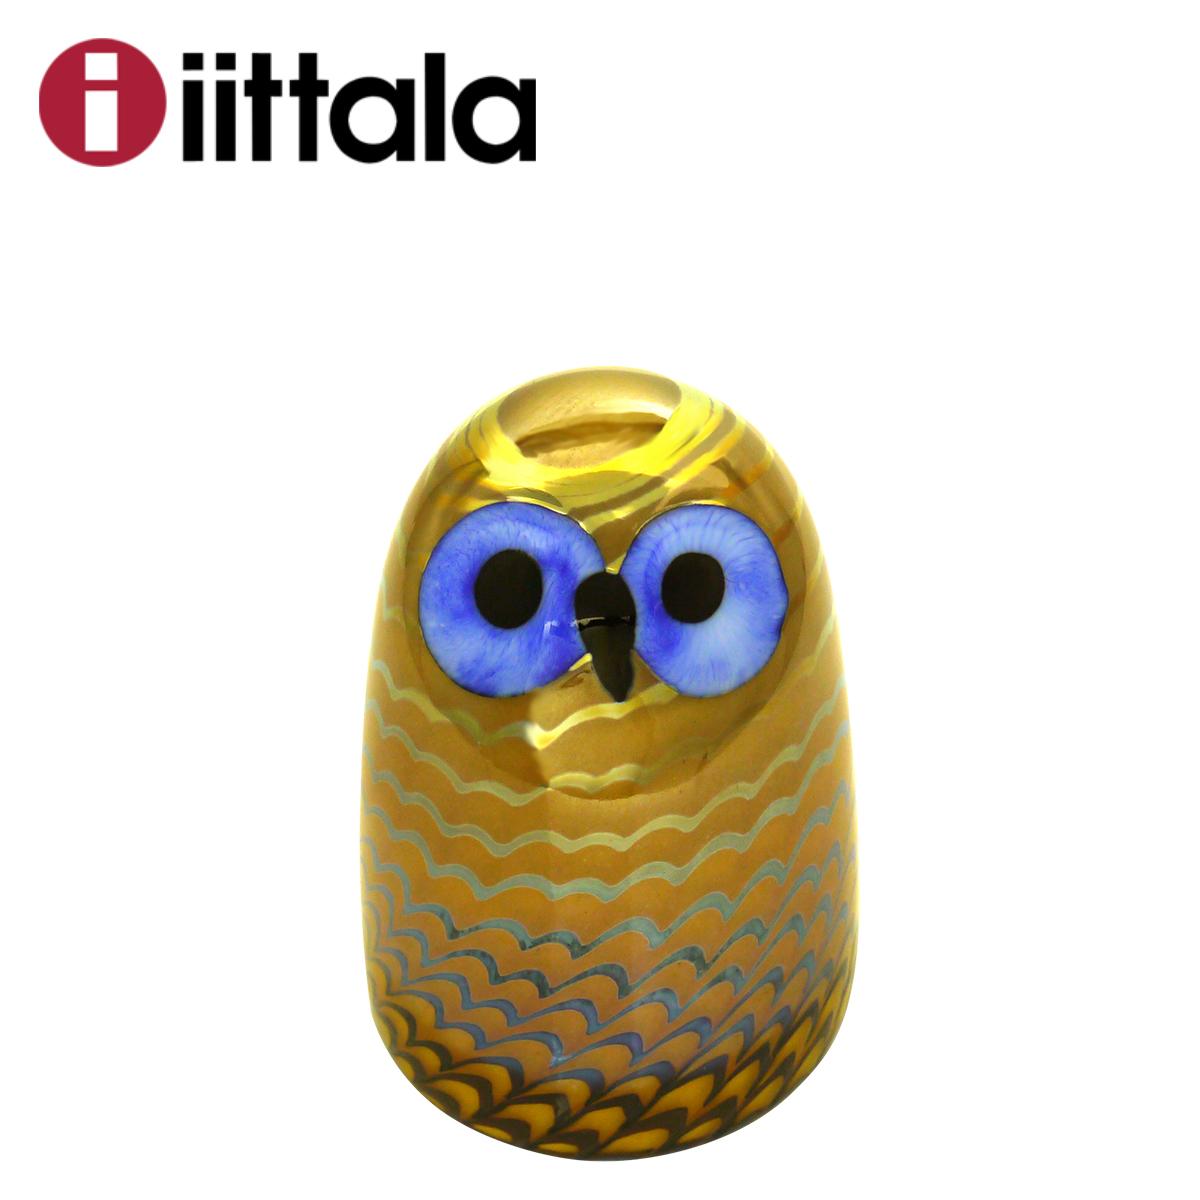 イッタラ バード トイッカ iittala (BIRDS BY TOIKKA) OWLET 75x105mm アウレット/オウレット 子フクロウ イッタラ/ittala 北欧 フィンランド 置物 オブジェ 北海道・沖縄は別途540円加算